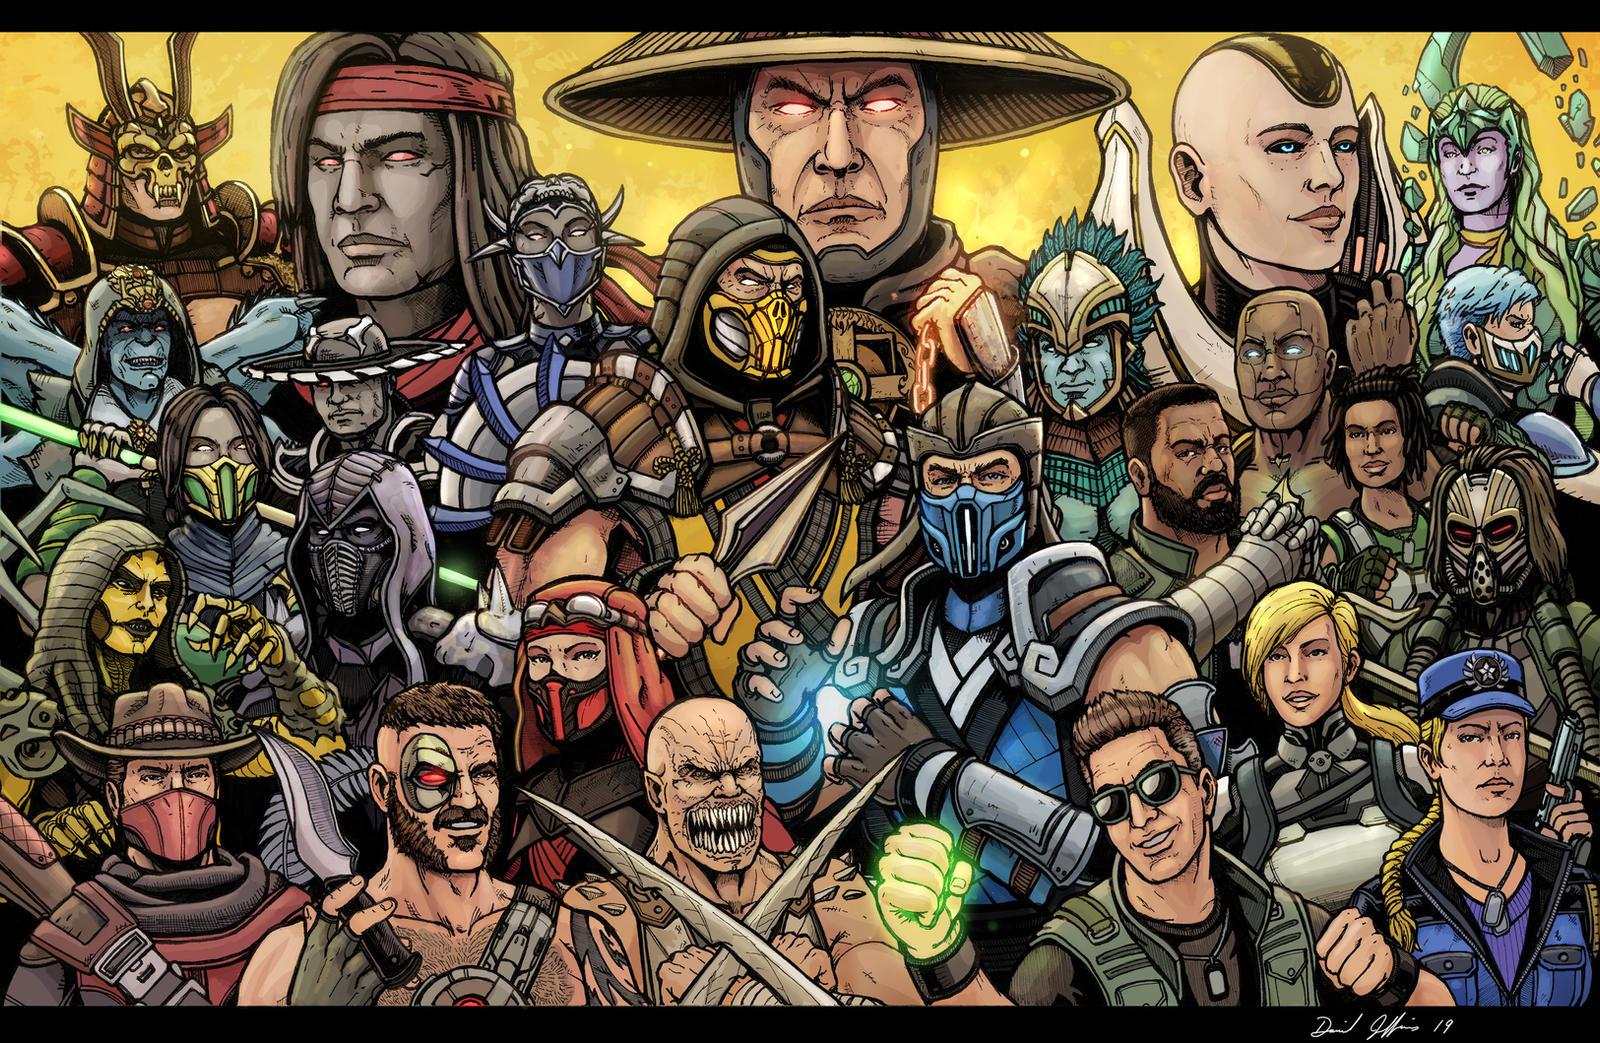 Mortal Kombat - Vs Screen (MKX version) Fan art by